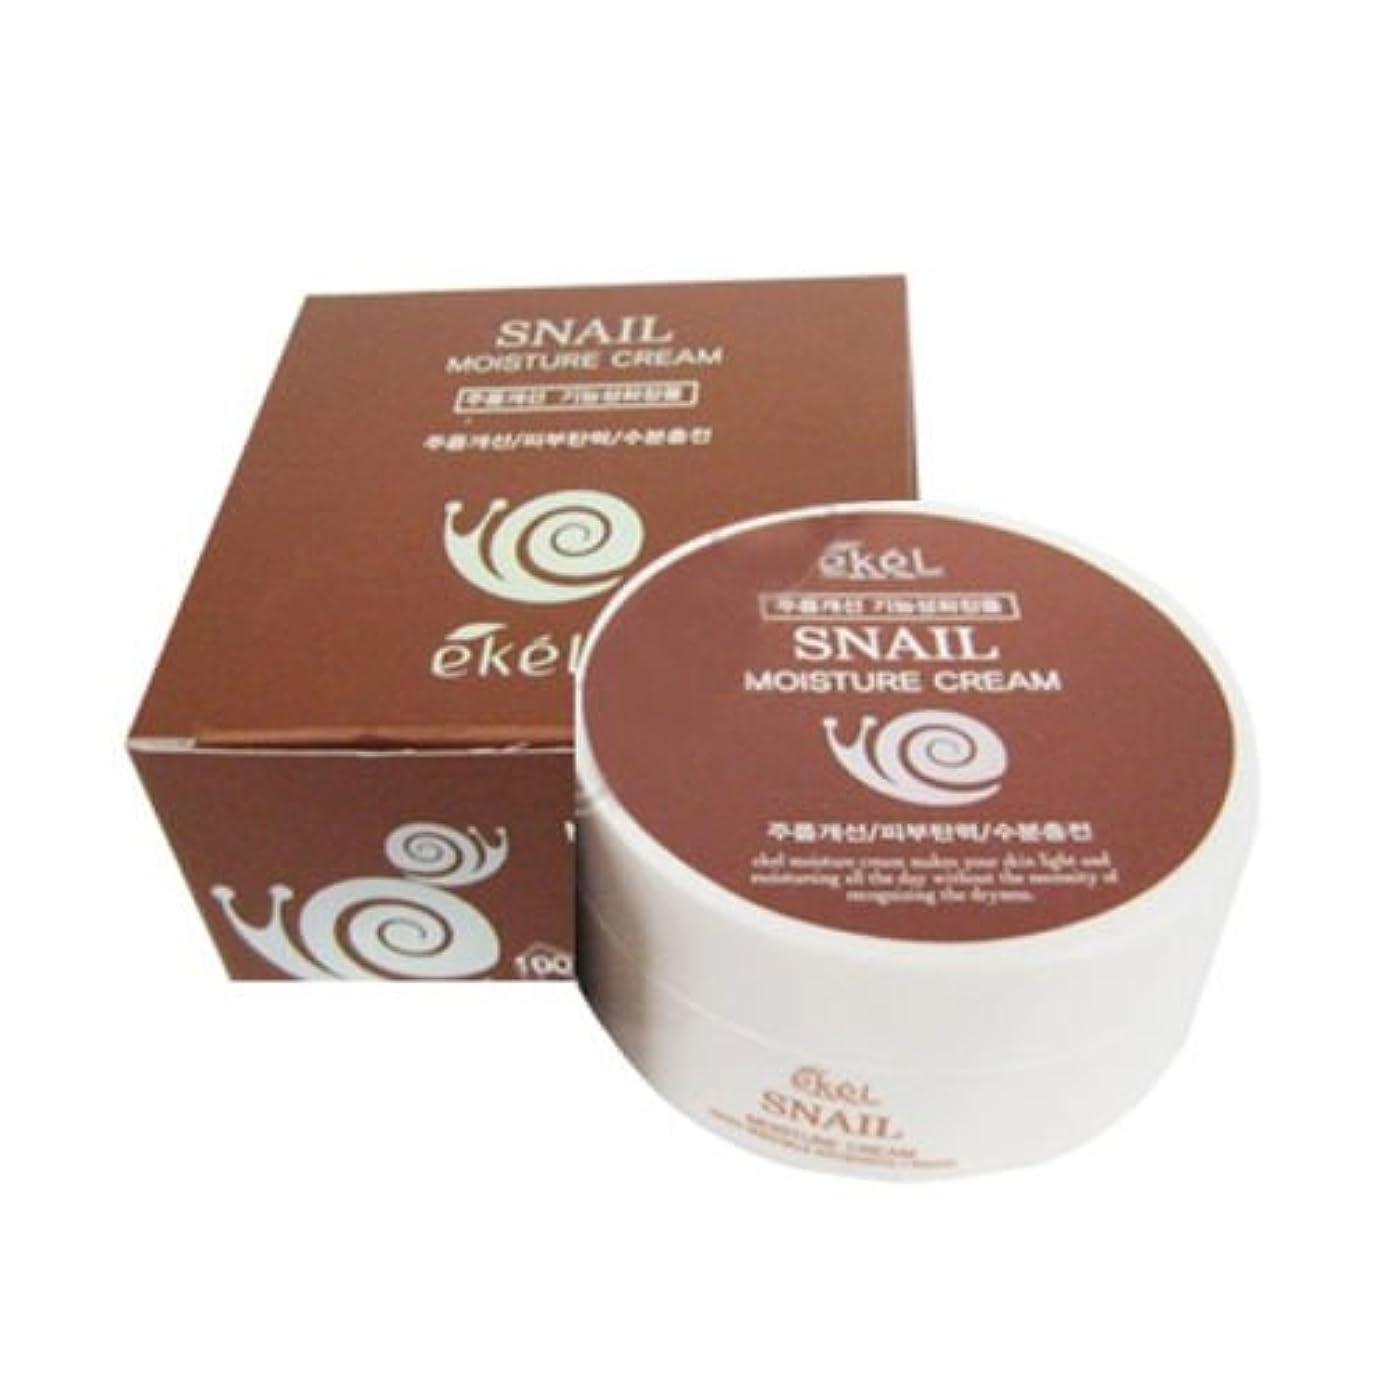 ビットパートナー加入イケル[韓国コスメEkel]Snail Moisture Cream カタツムリモイスチャークリーム100g [並行輸入品]